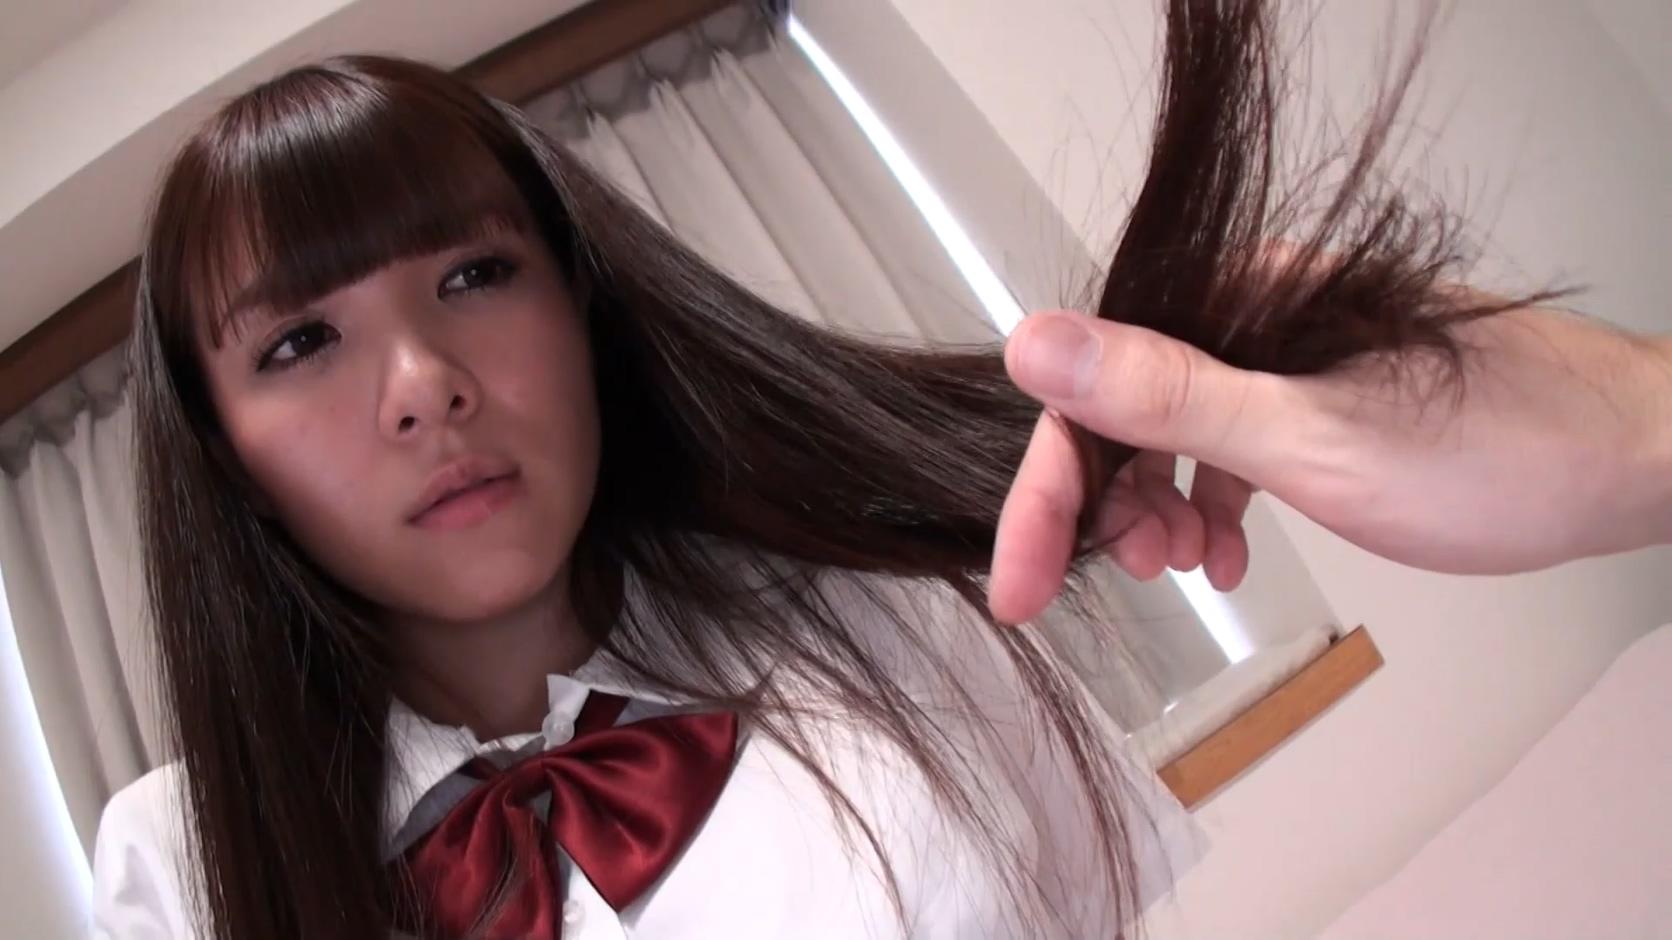 這邊是早乙女ルイ(早乙女露依)高清無碼流出[MP4/2.8G]圖片的自定義alt信息;548383,730132,haokuku,43